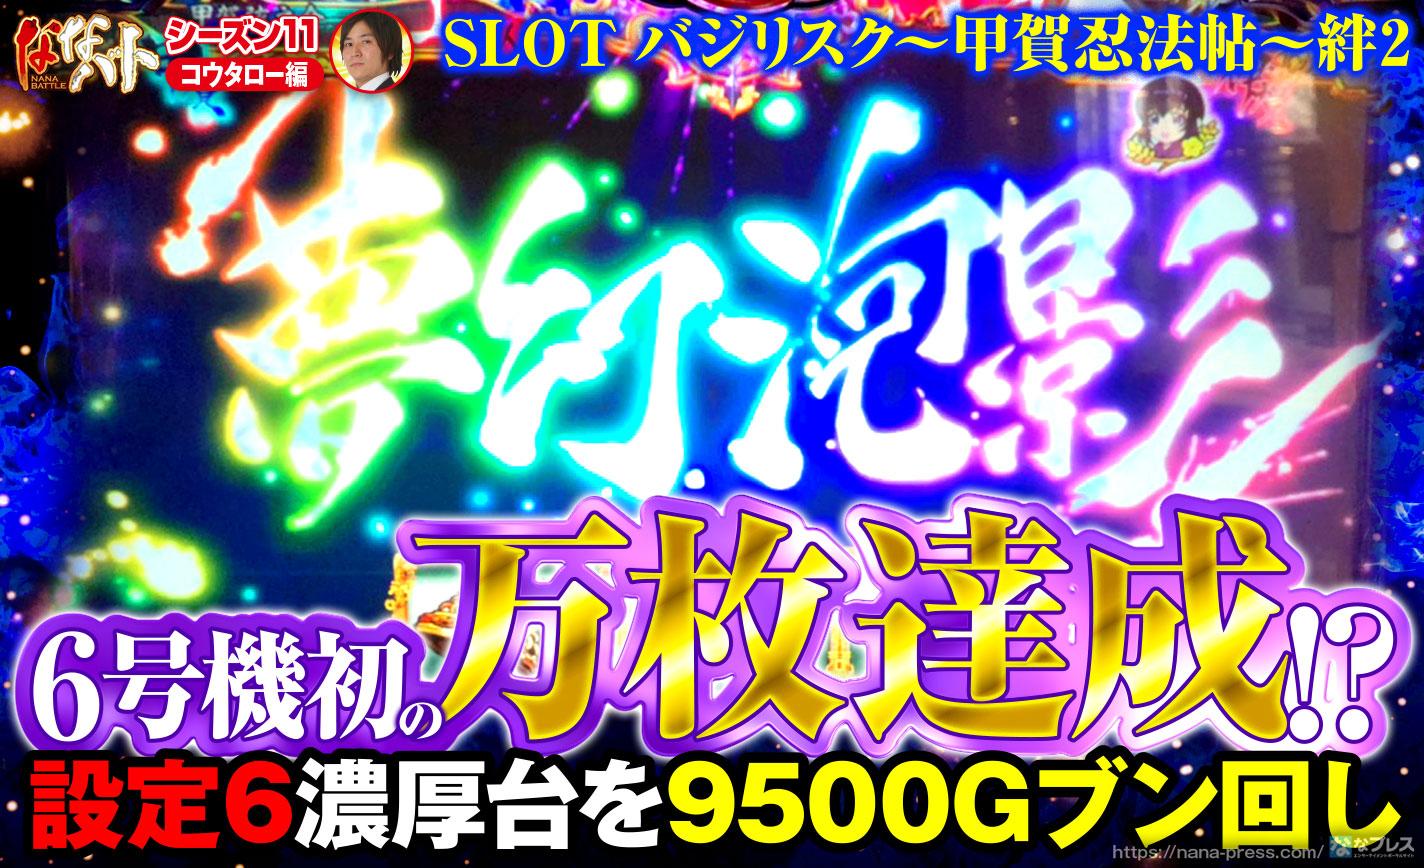 バジリスク絆2で6号機初の万枚達成!?設定6濃厚台を9500Gブン回し!